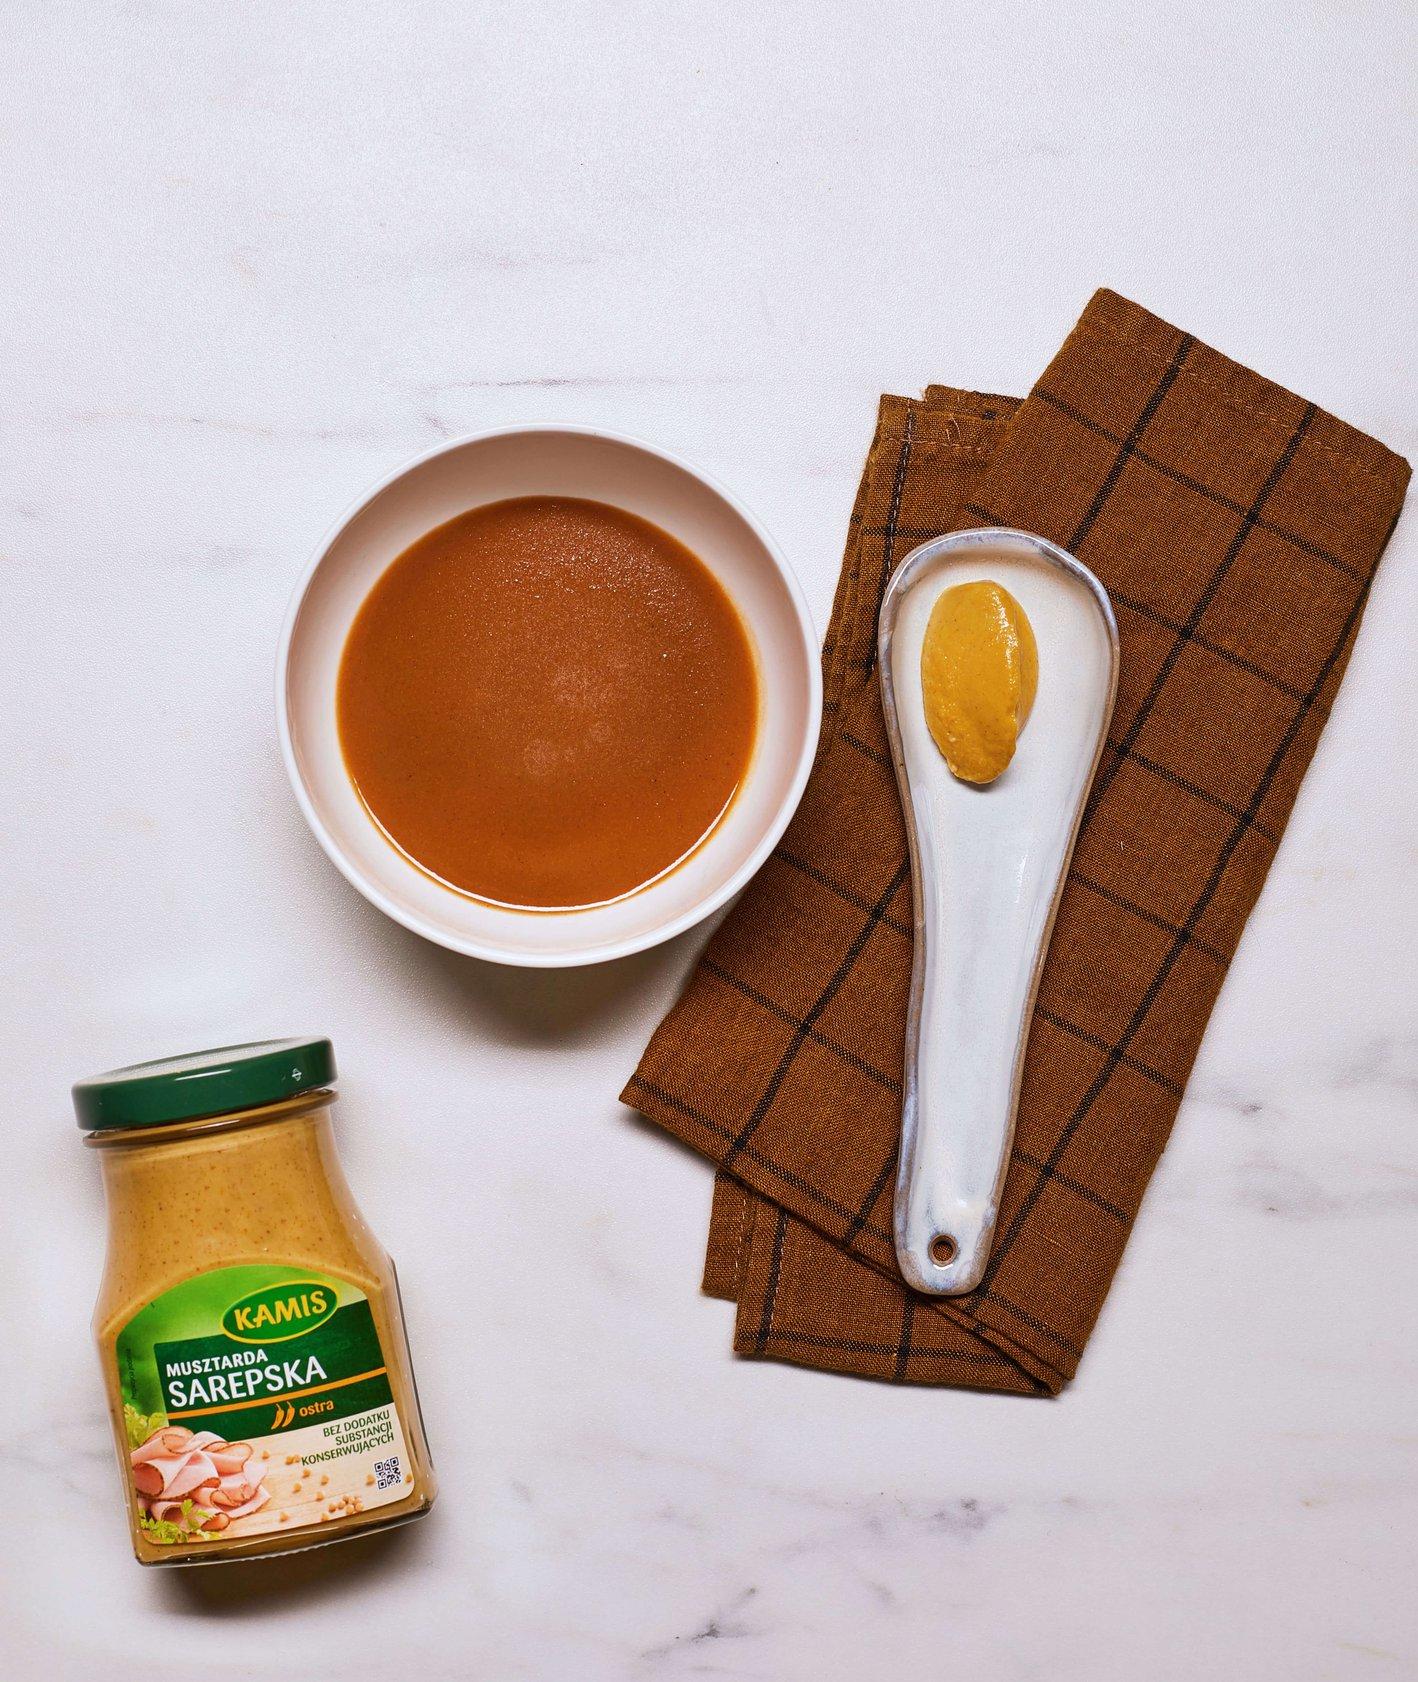 Cebulowy sos pieczeniowy (fot. Maciek Niemojewski)